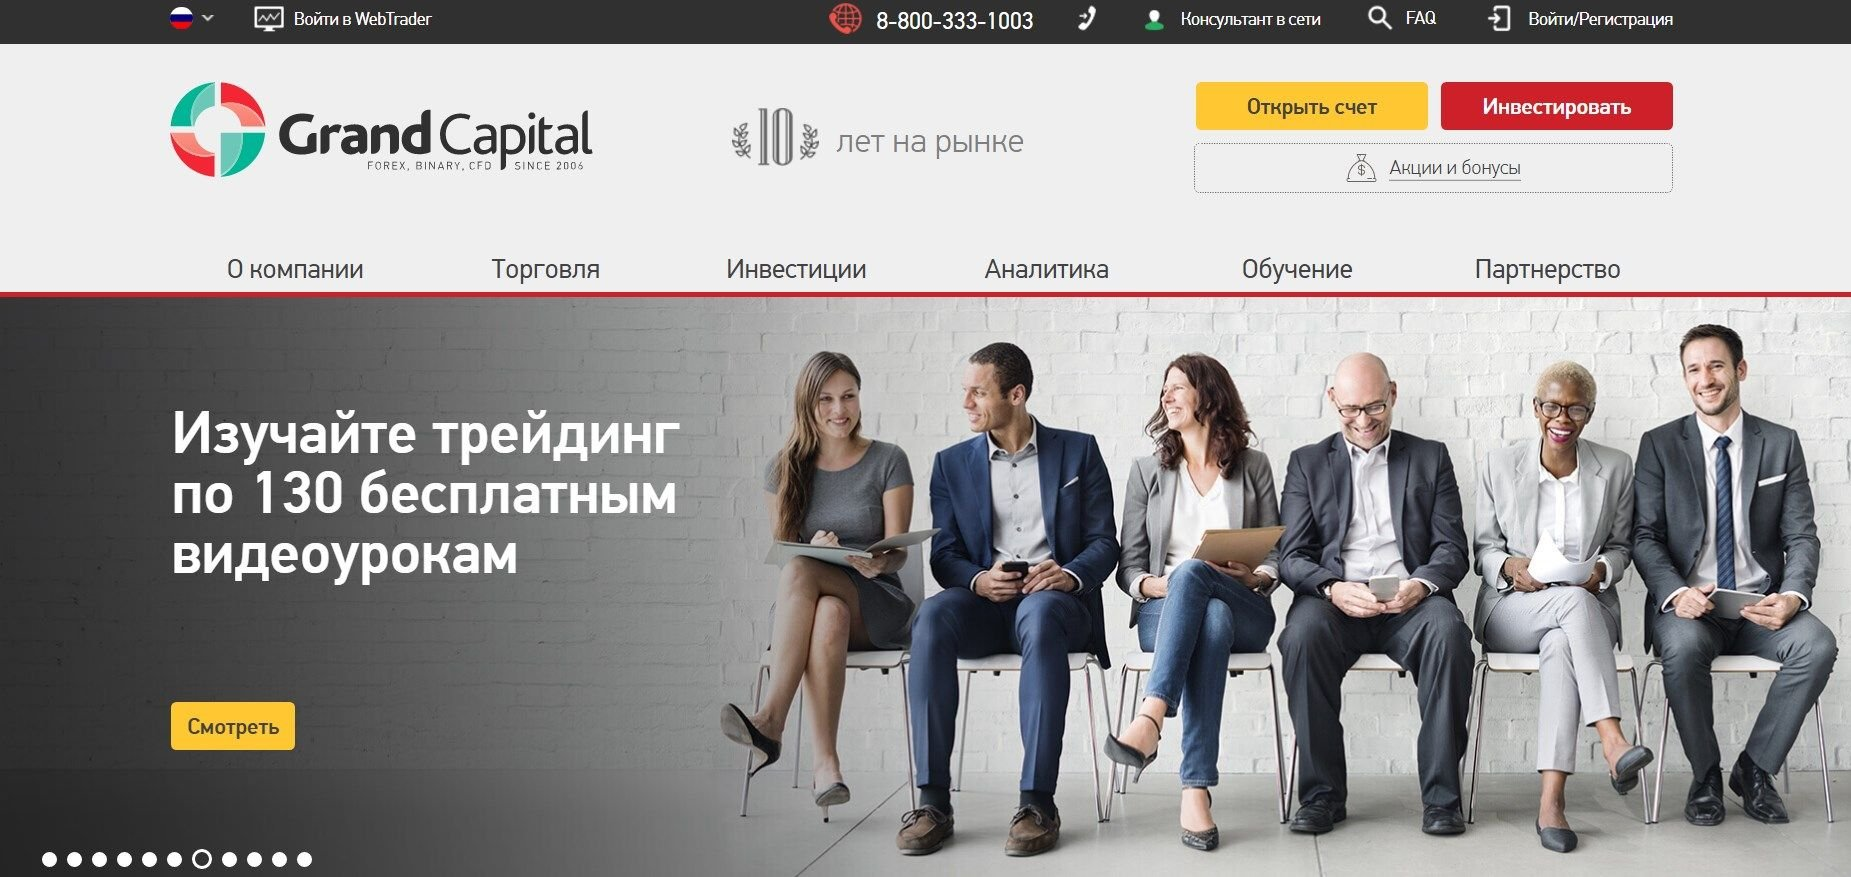 Гранд Капитал привлекает удобной торговой платформой